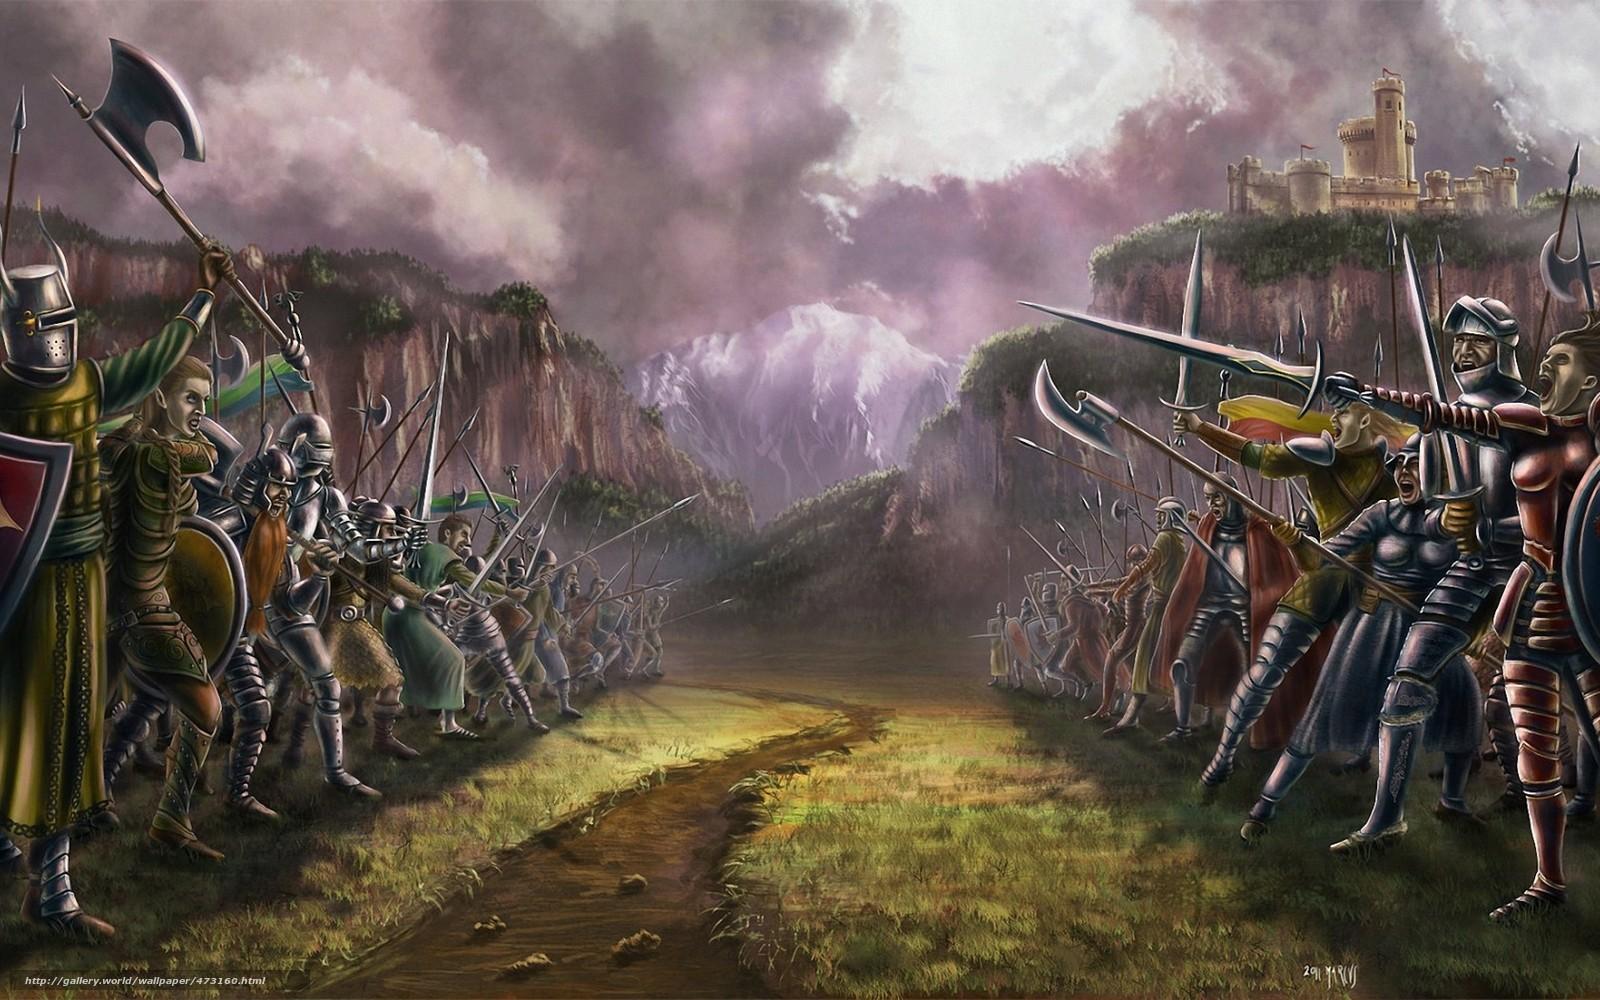 1680x1050 Playerunknowns Battlegrounds Artwork 1680x1050: Download Hintergrund Kunst, Soldiers, Krieger